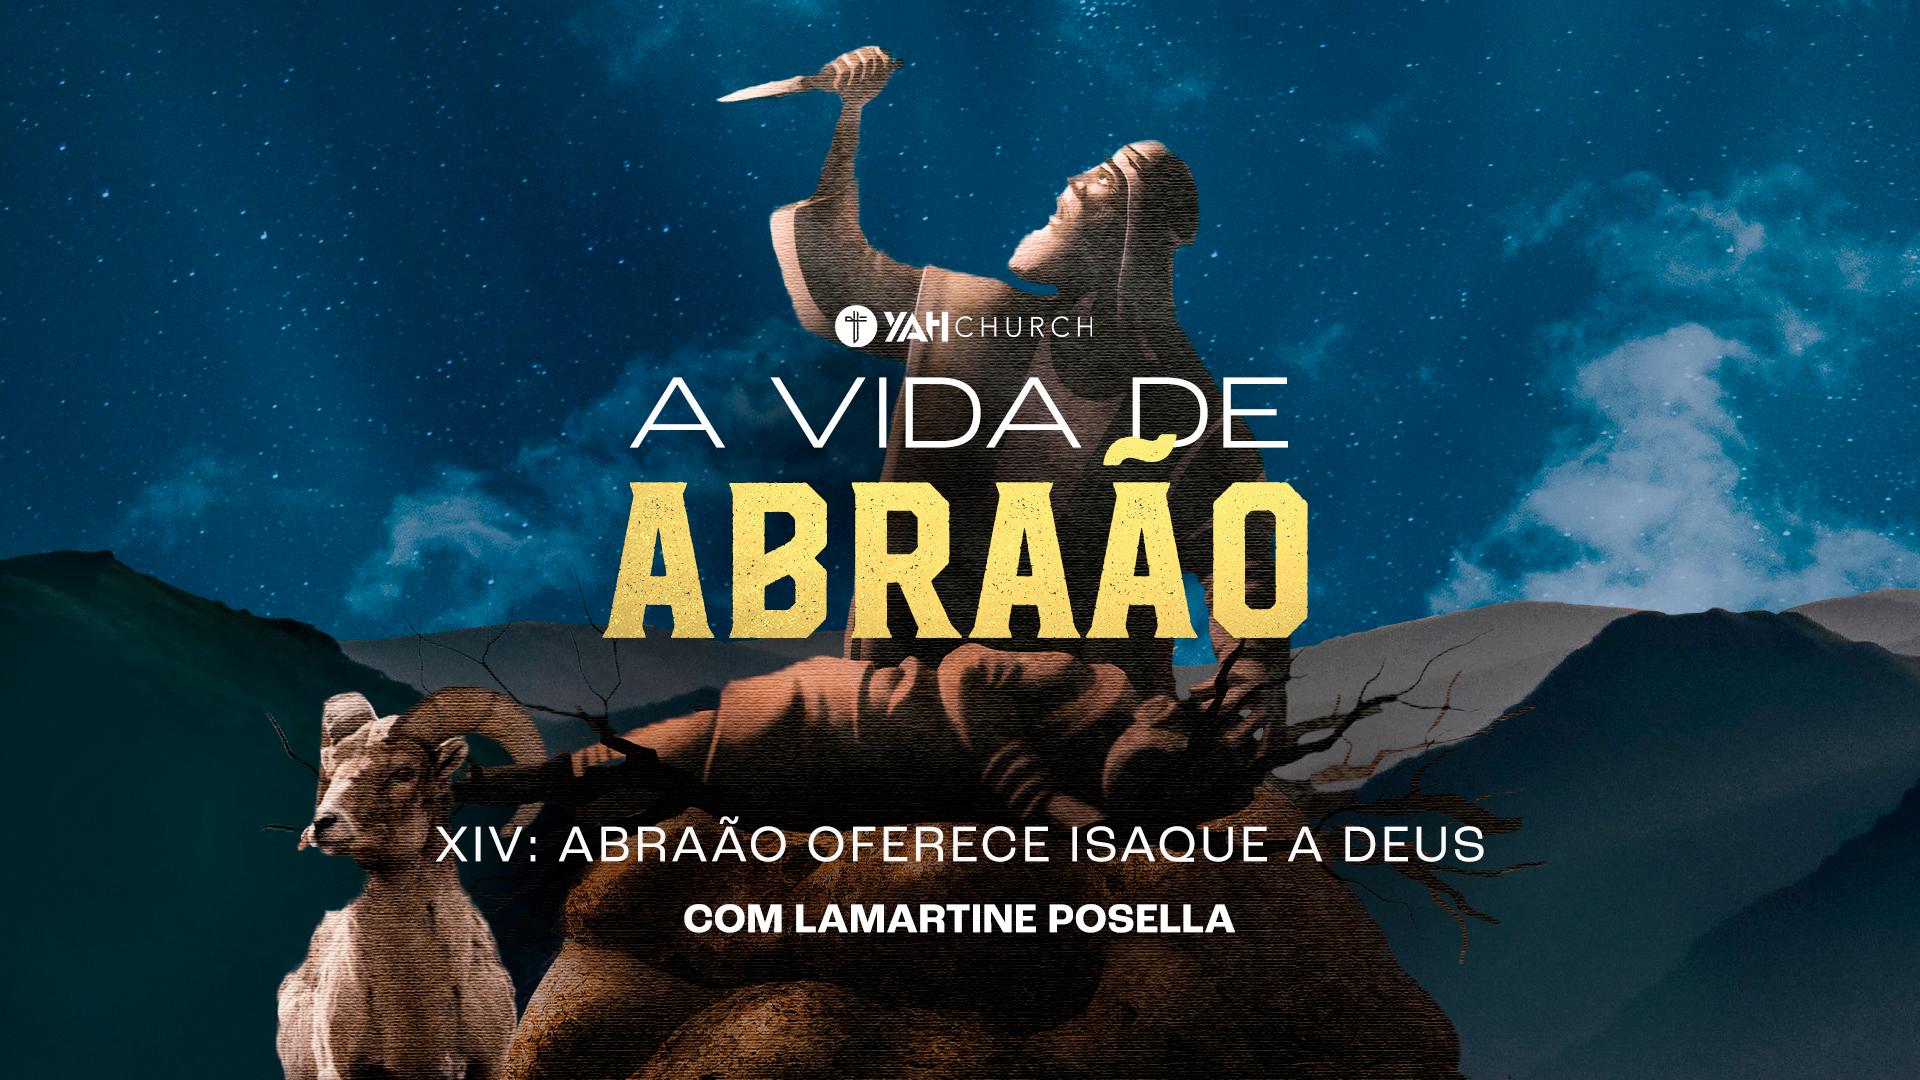 Abraão oferece Isaque a Deus